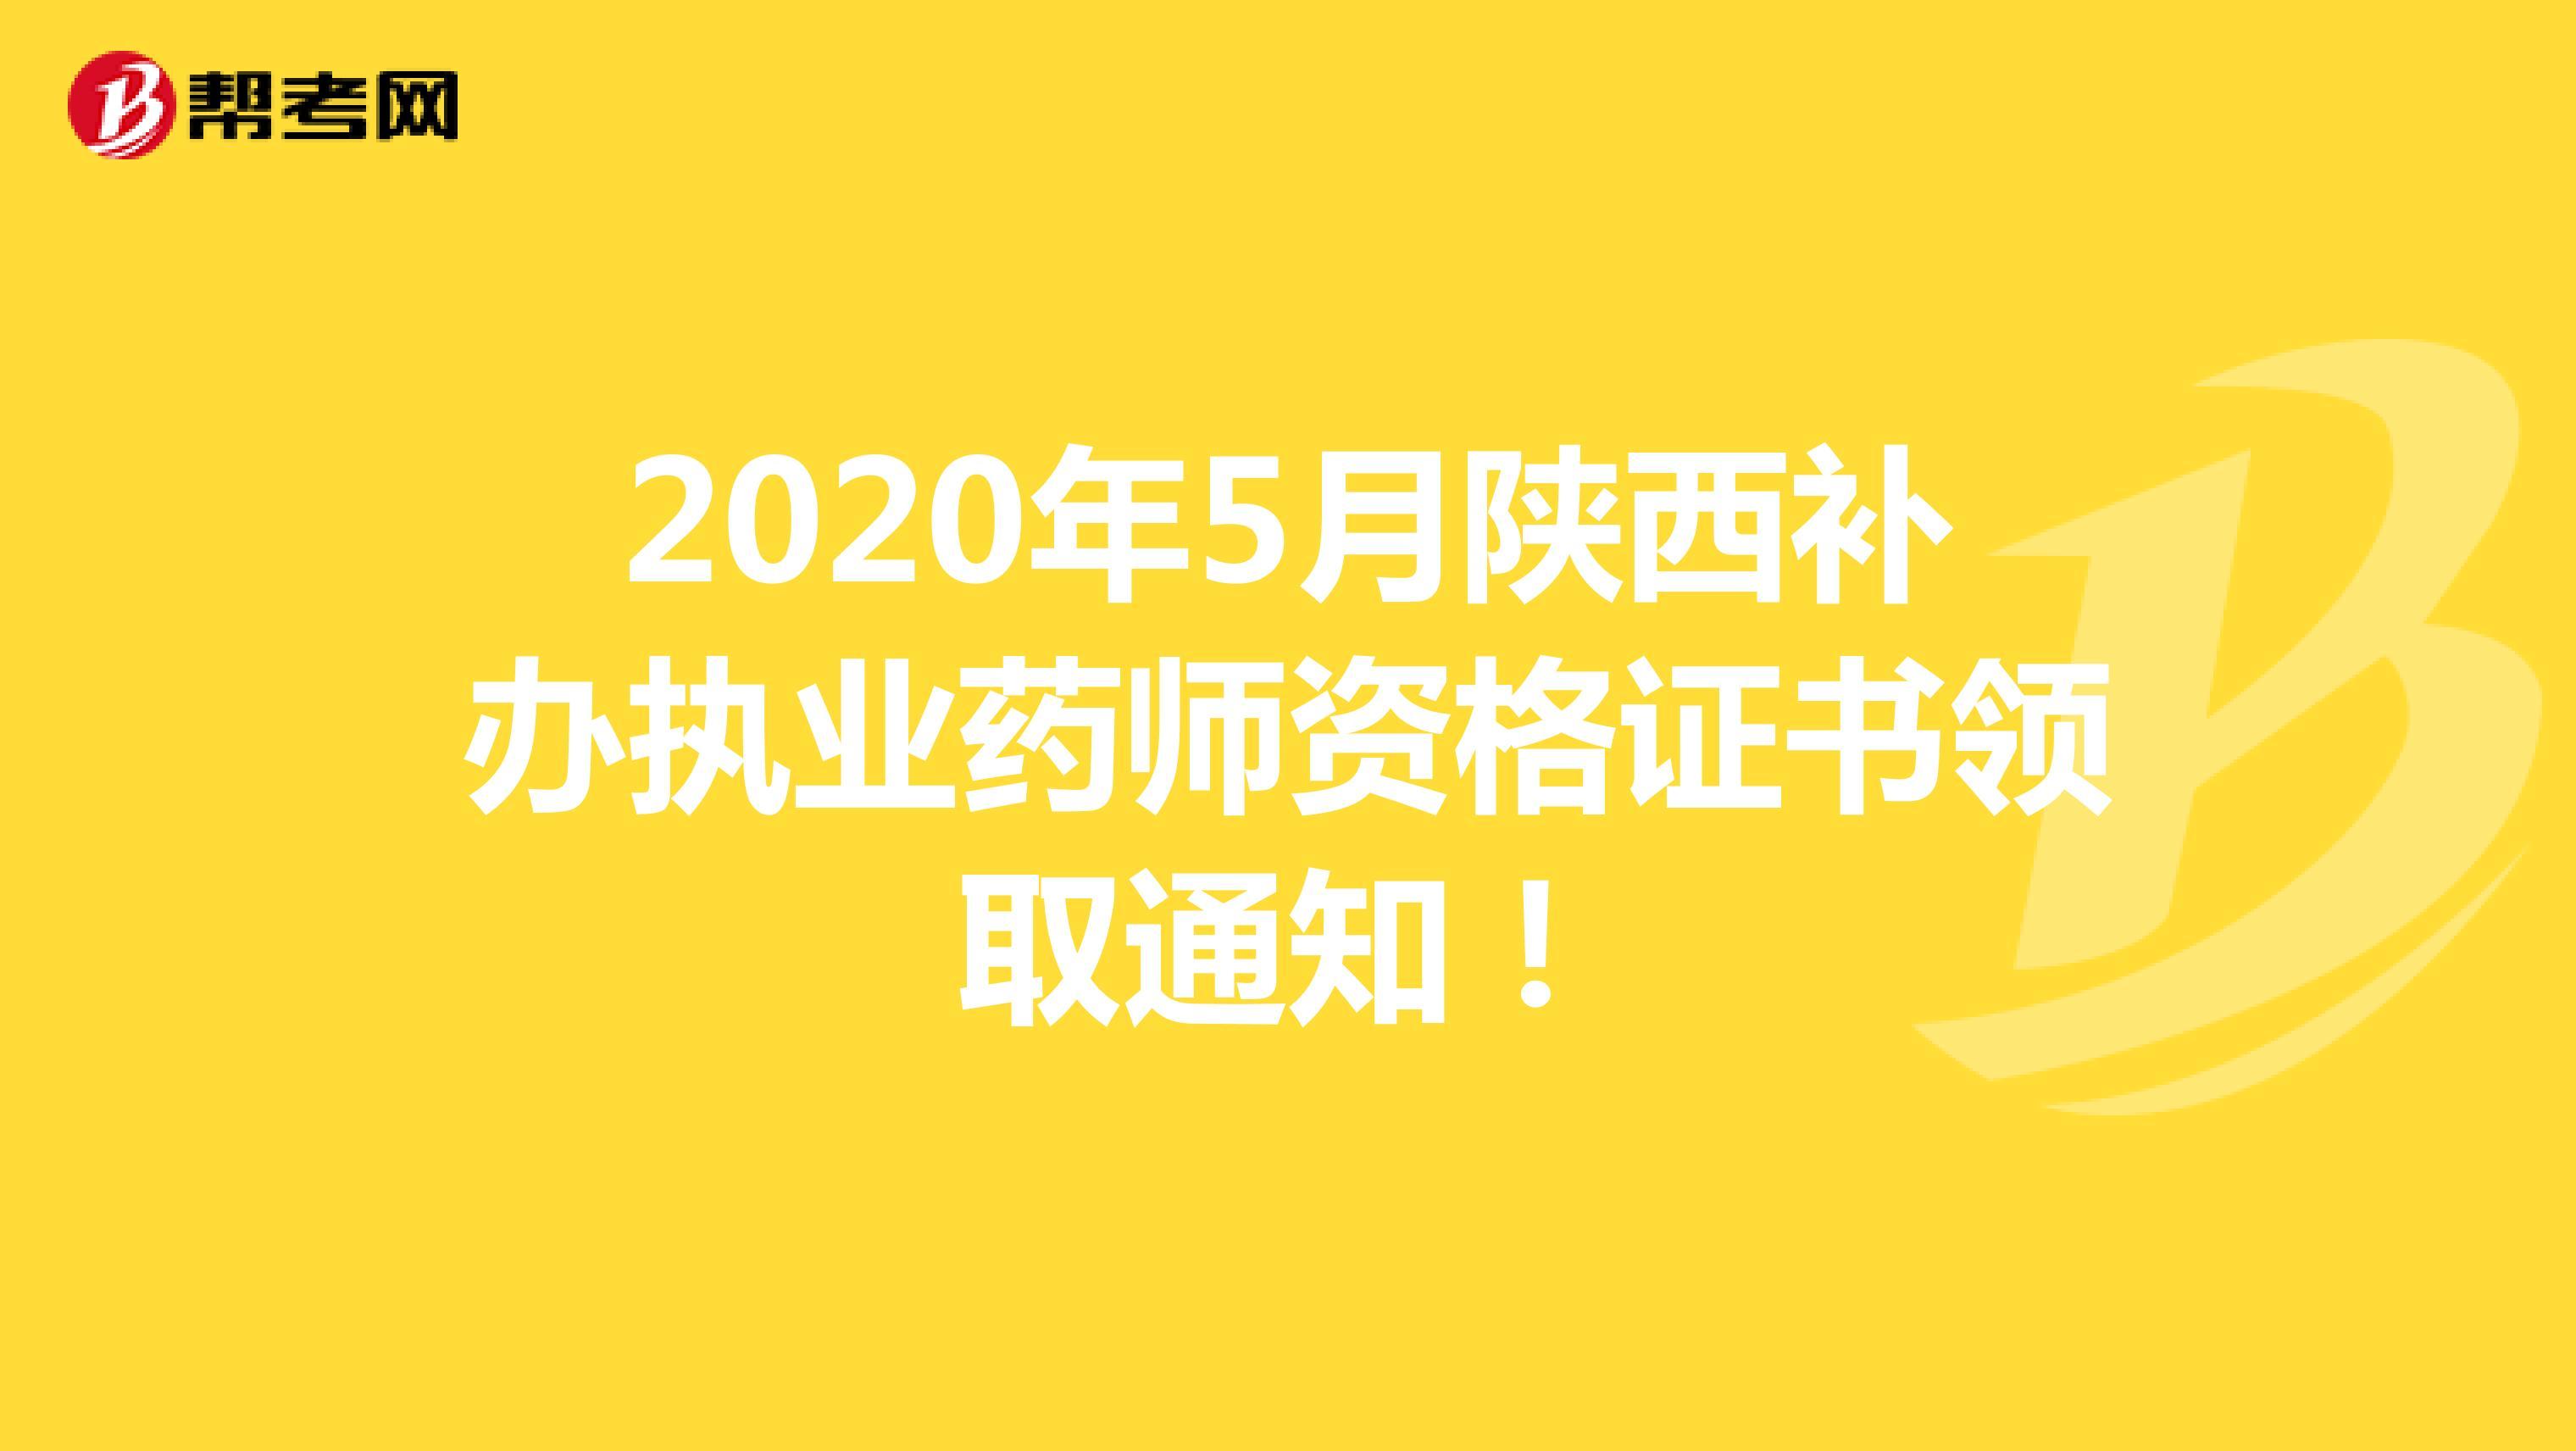 2020年5月陕西补办执业药师资格证书领取通知!